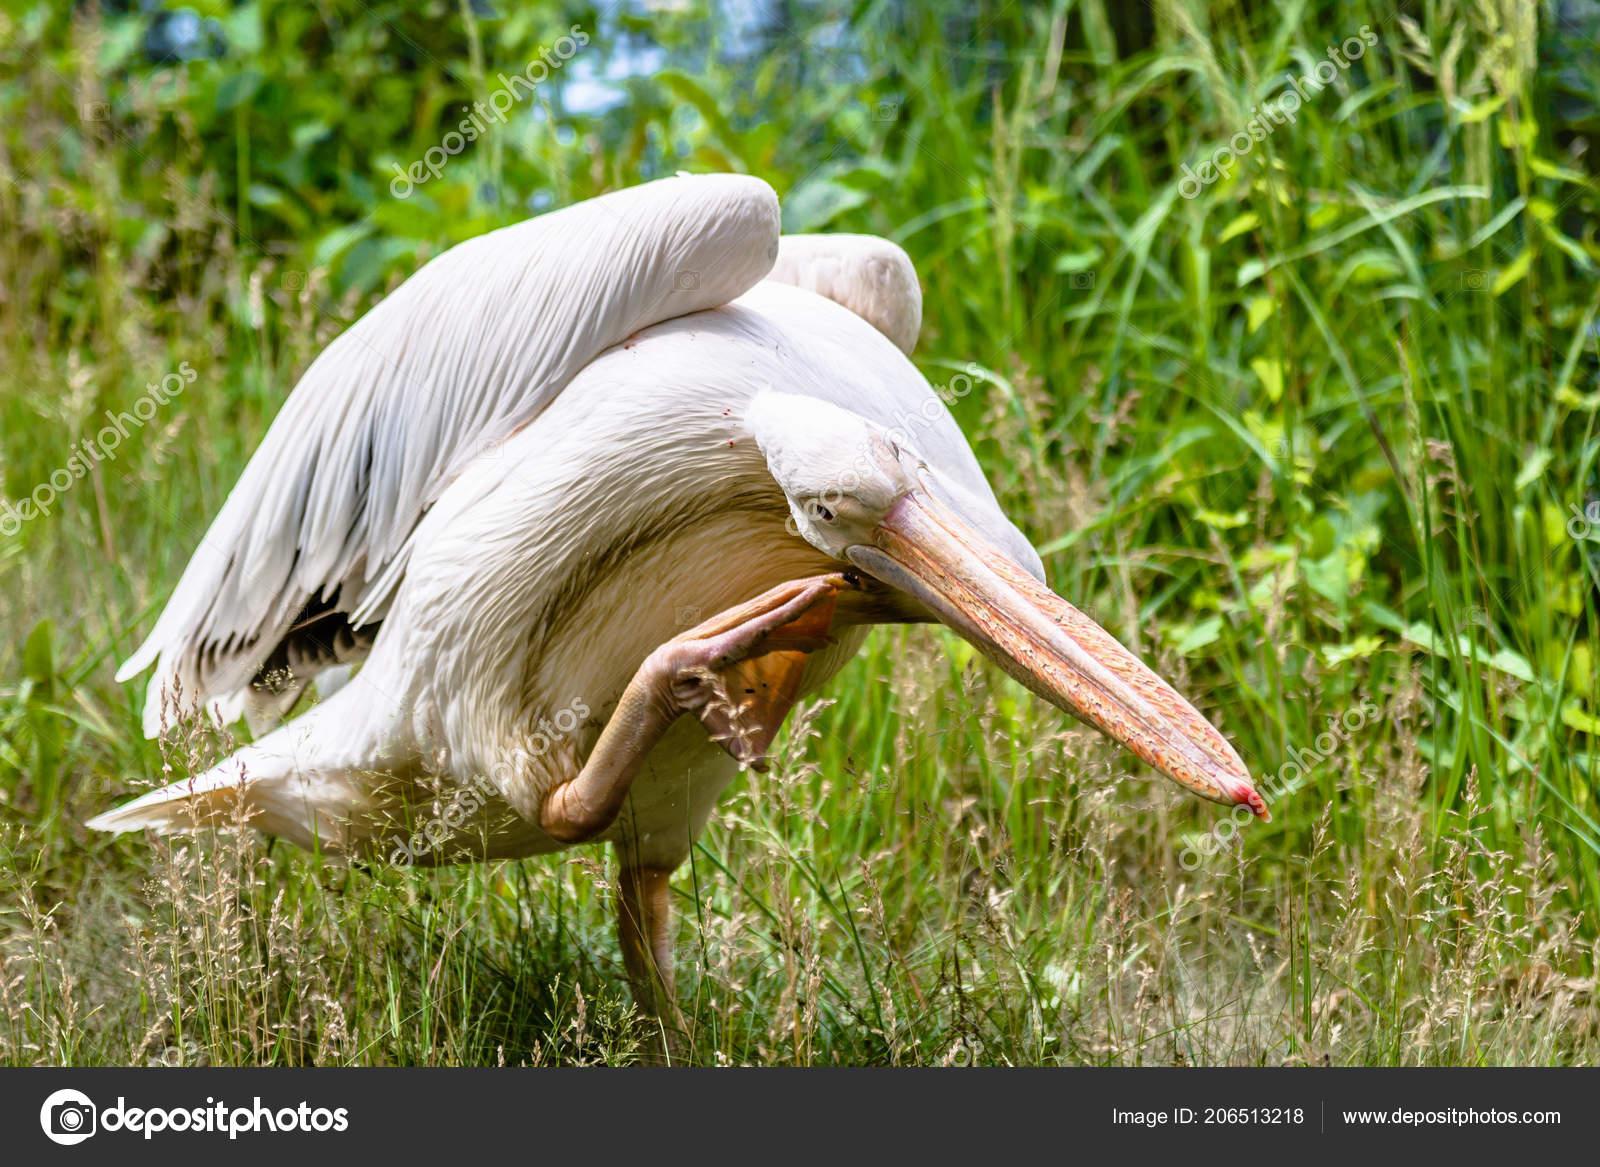 μεγάλο μεγάλο πουλί φωτογραφίαοικογένεια τύπος σεξ καρτούν